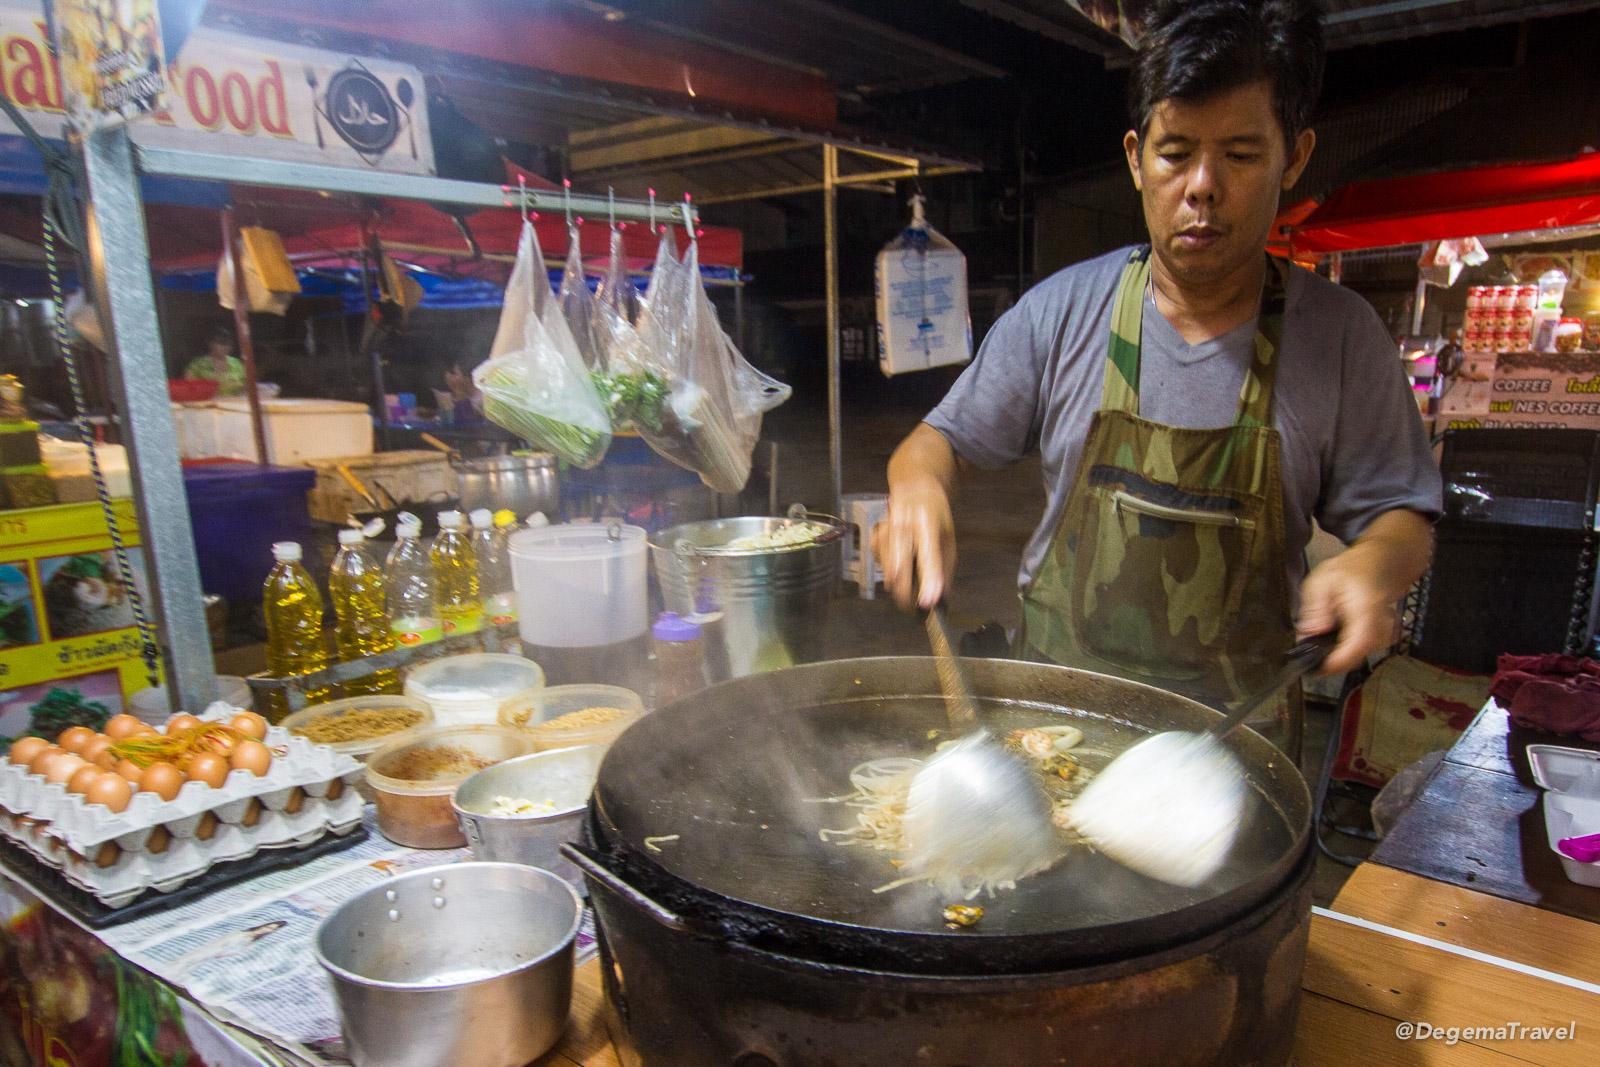 Making Pad Thai at Sainamyen Market in Patong, Phuket, Thailand